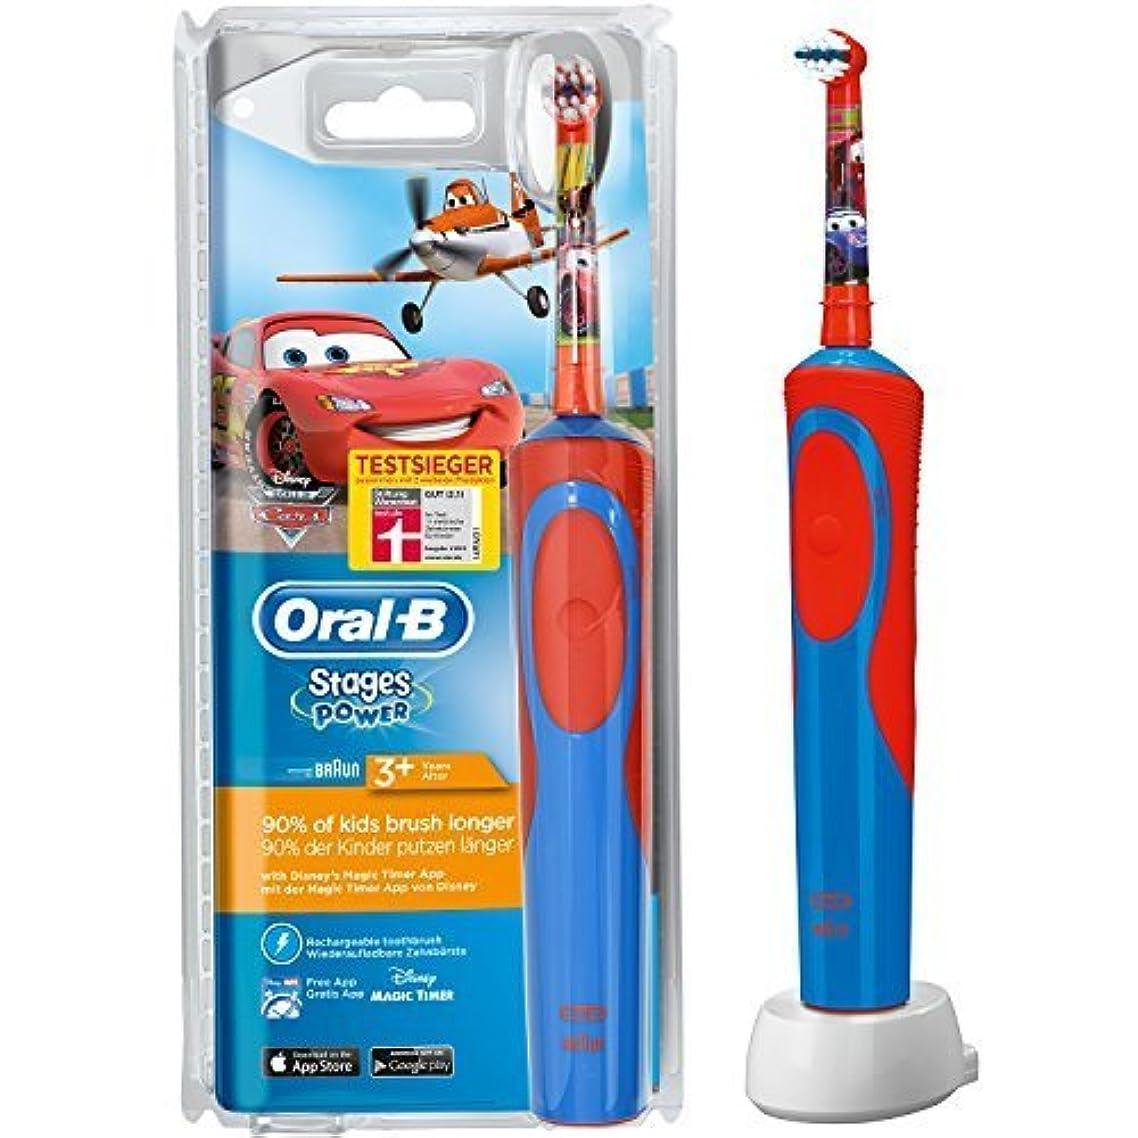 にんじんコンパイル精神的にOral-B Stages Power Cars Children's Electric Toothbrush with Timer by Oral-B [並行輸入品]